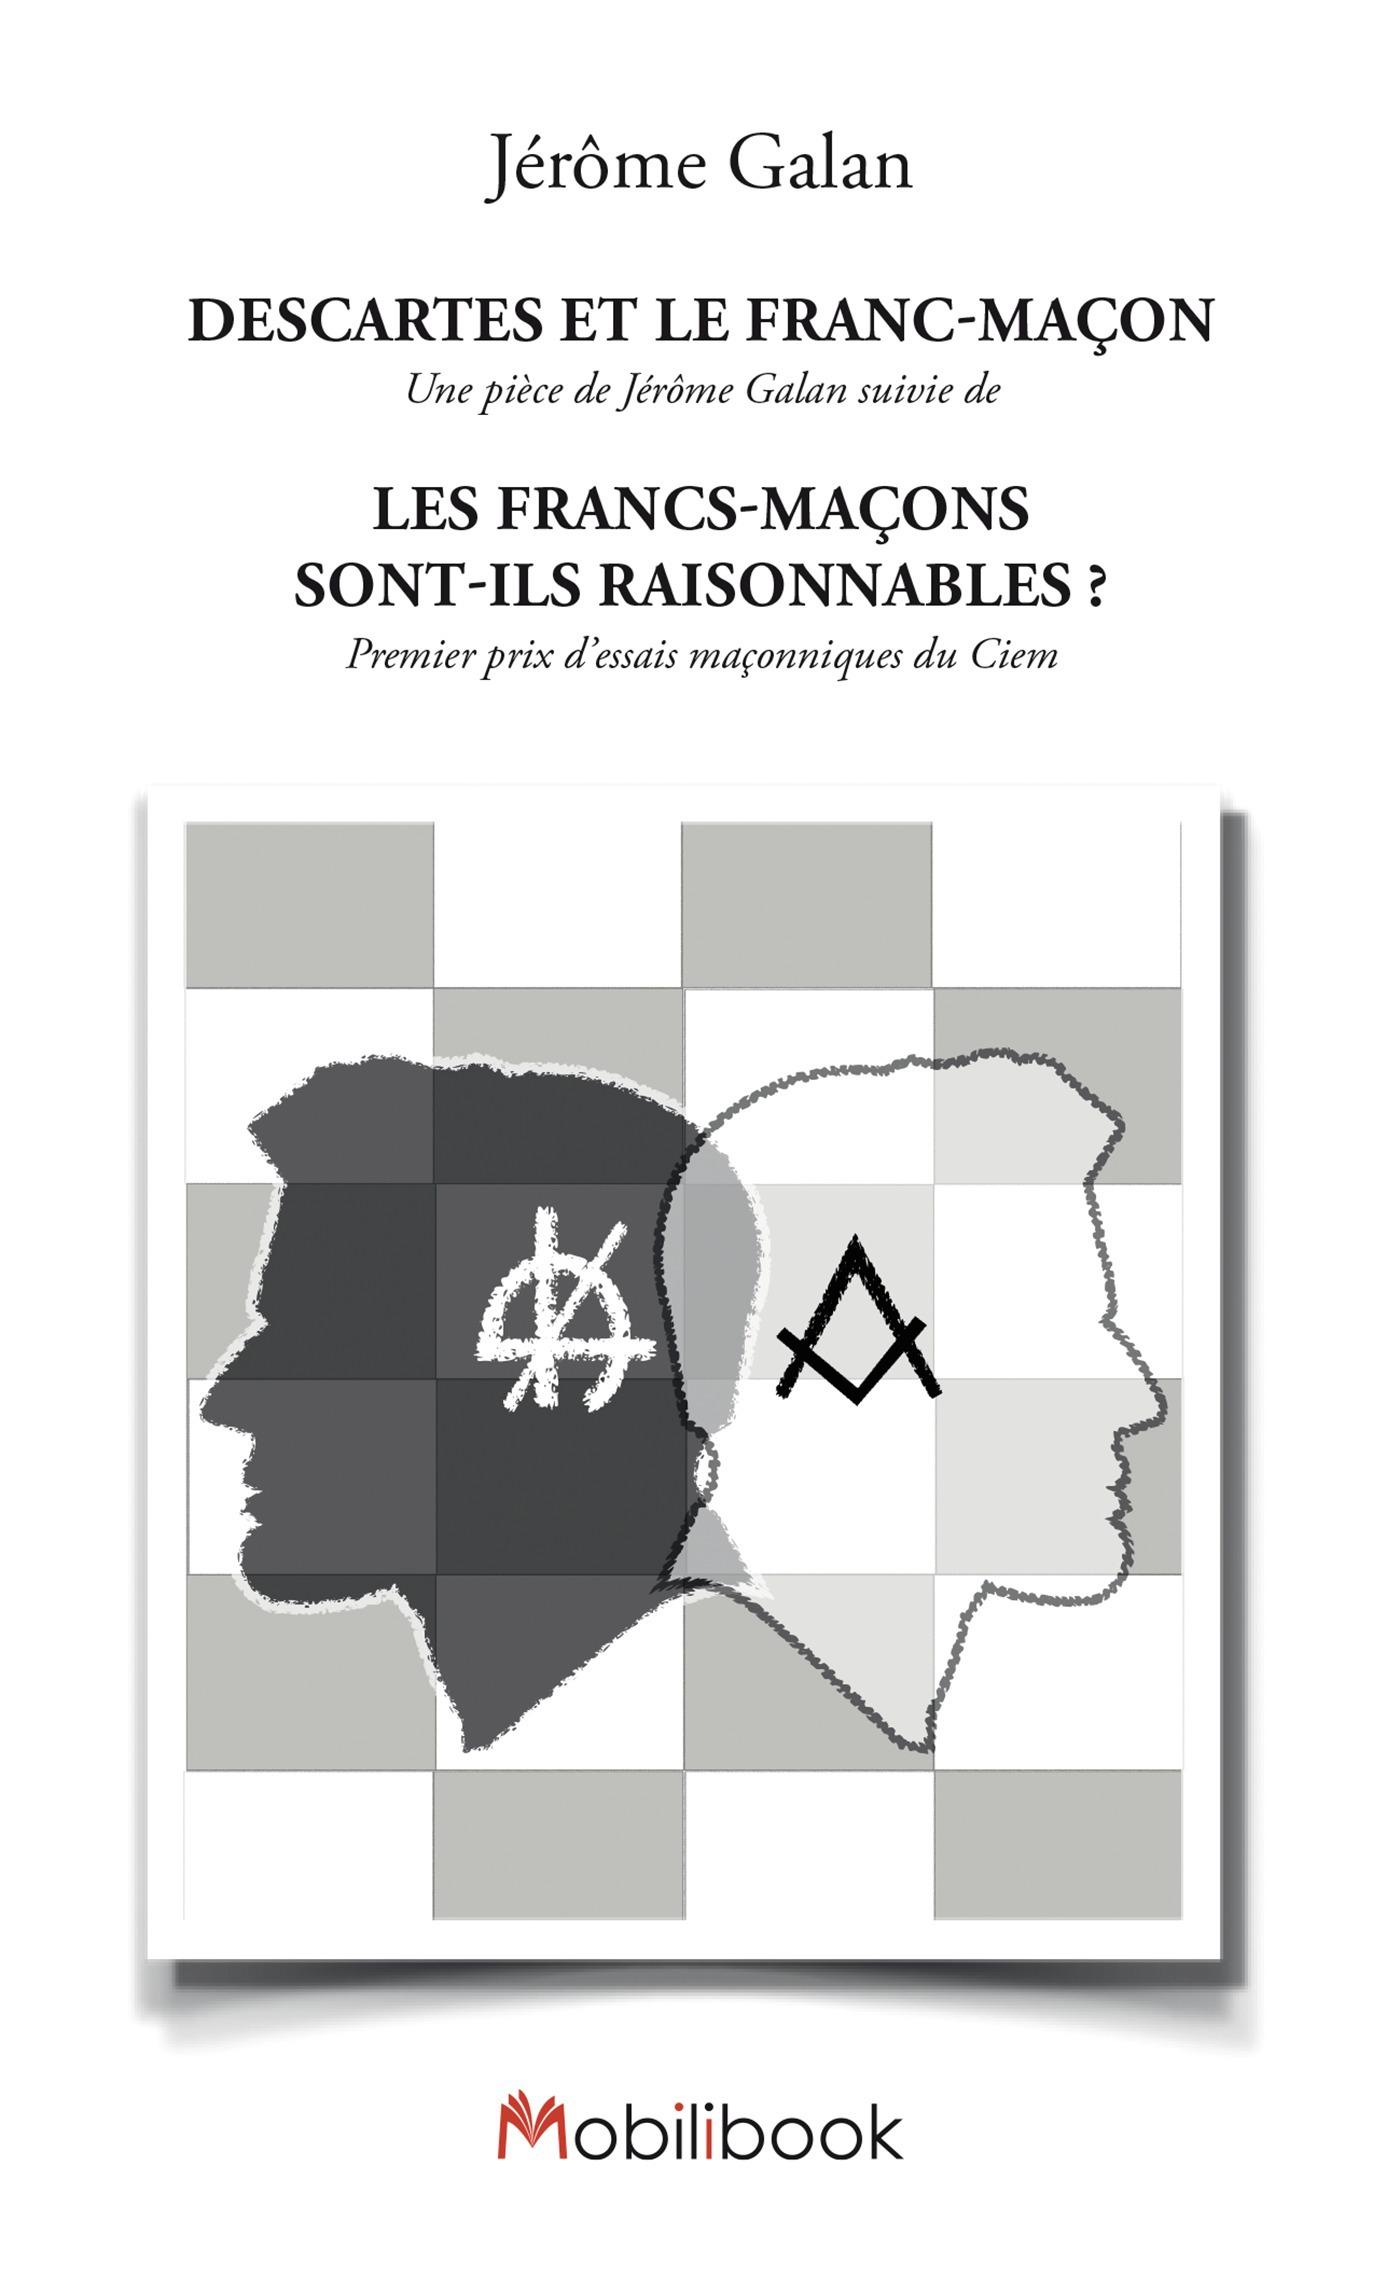 Descartes et le Franc-Maçon